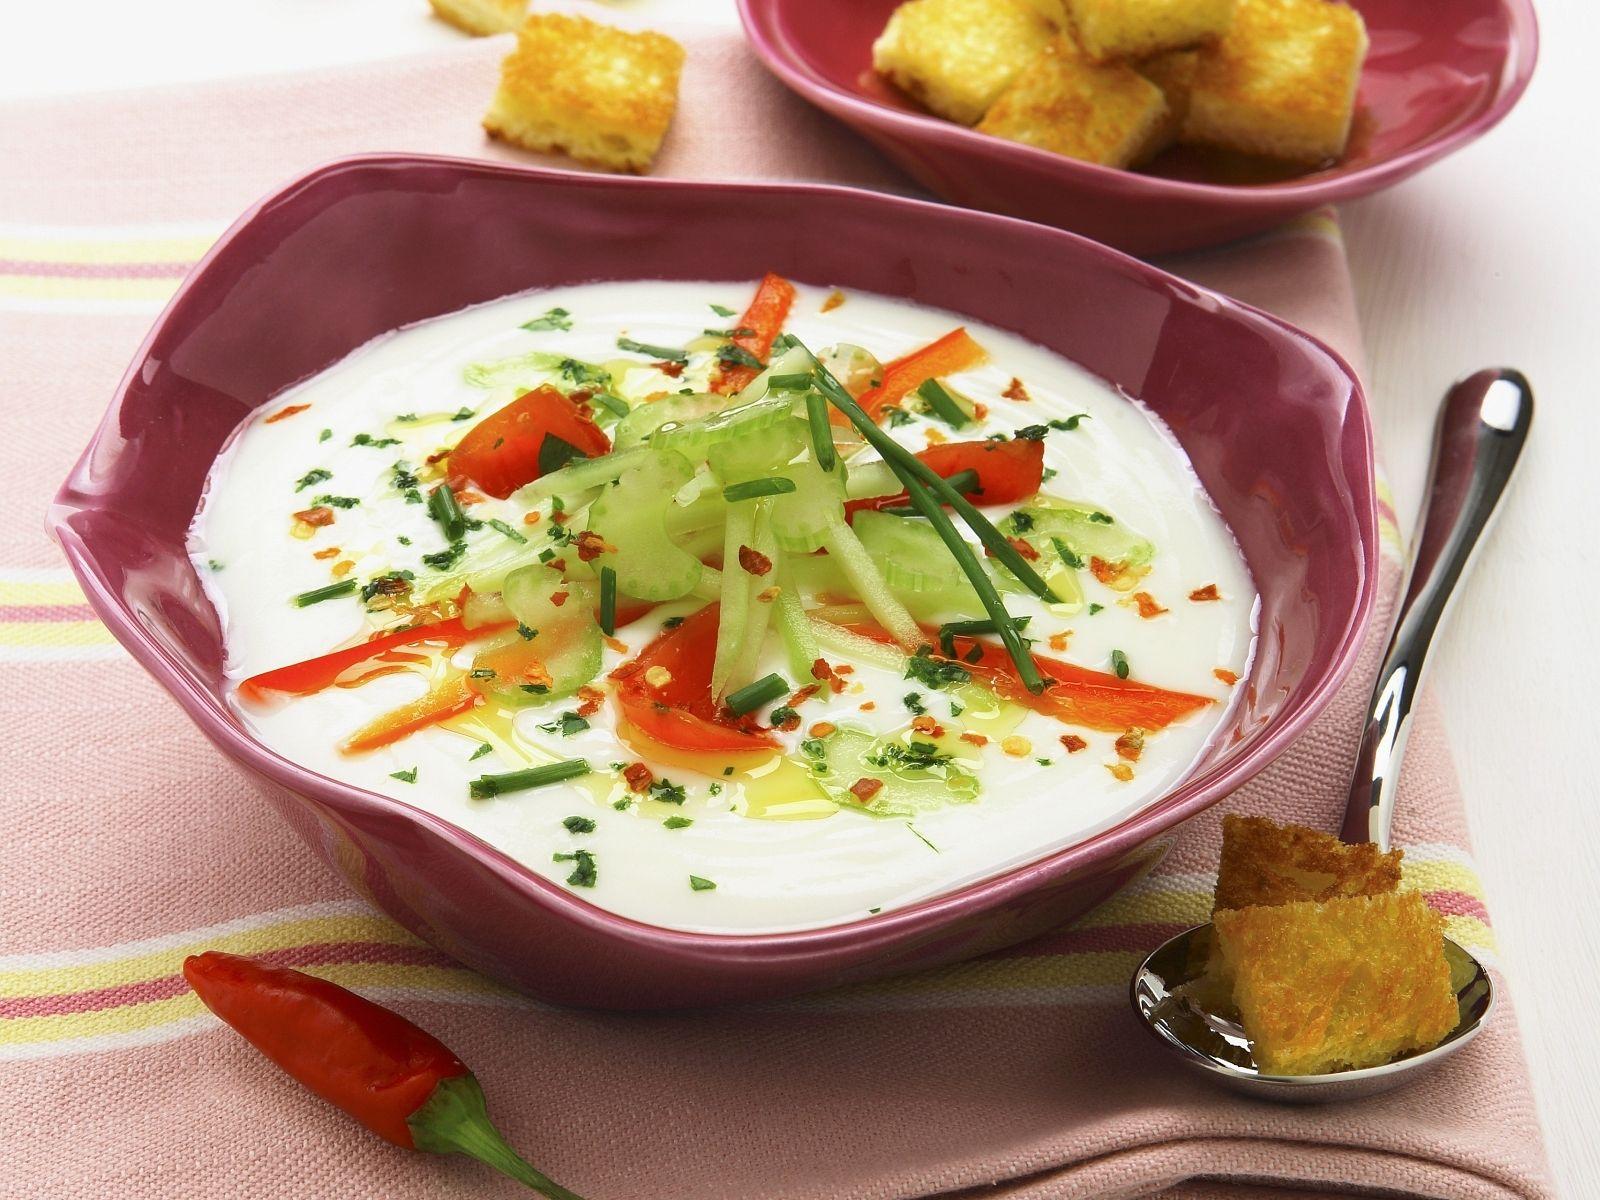 Kalte Sommerküche Rezepte : Kalte küche rezepte kalte rote bete suppe heute bleibt die küche